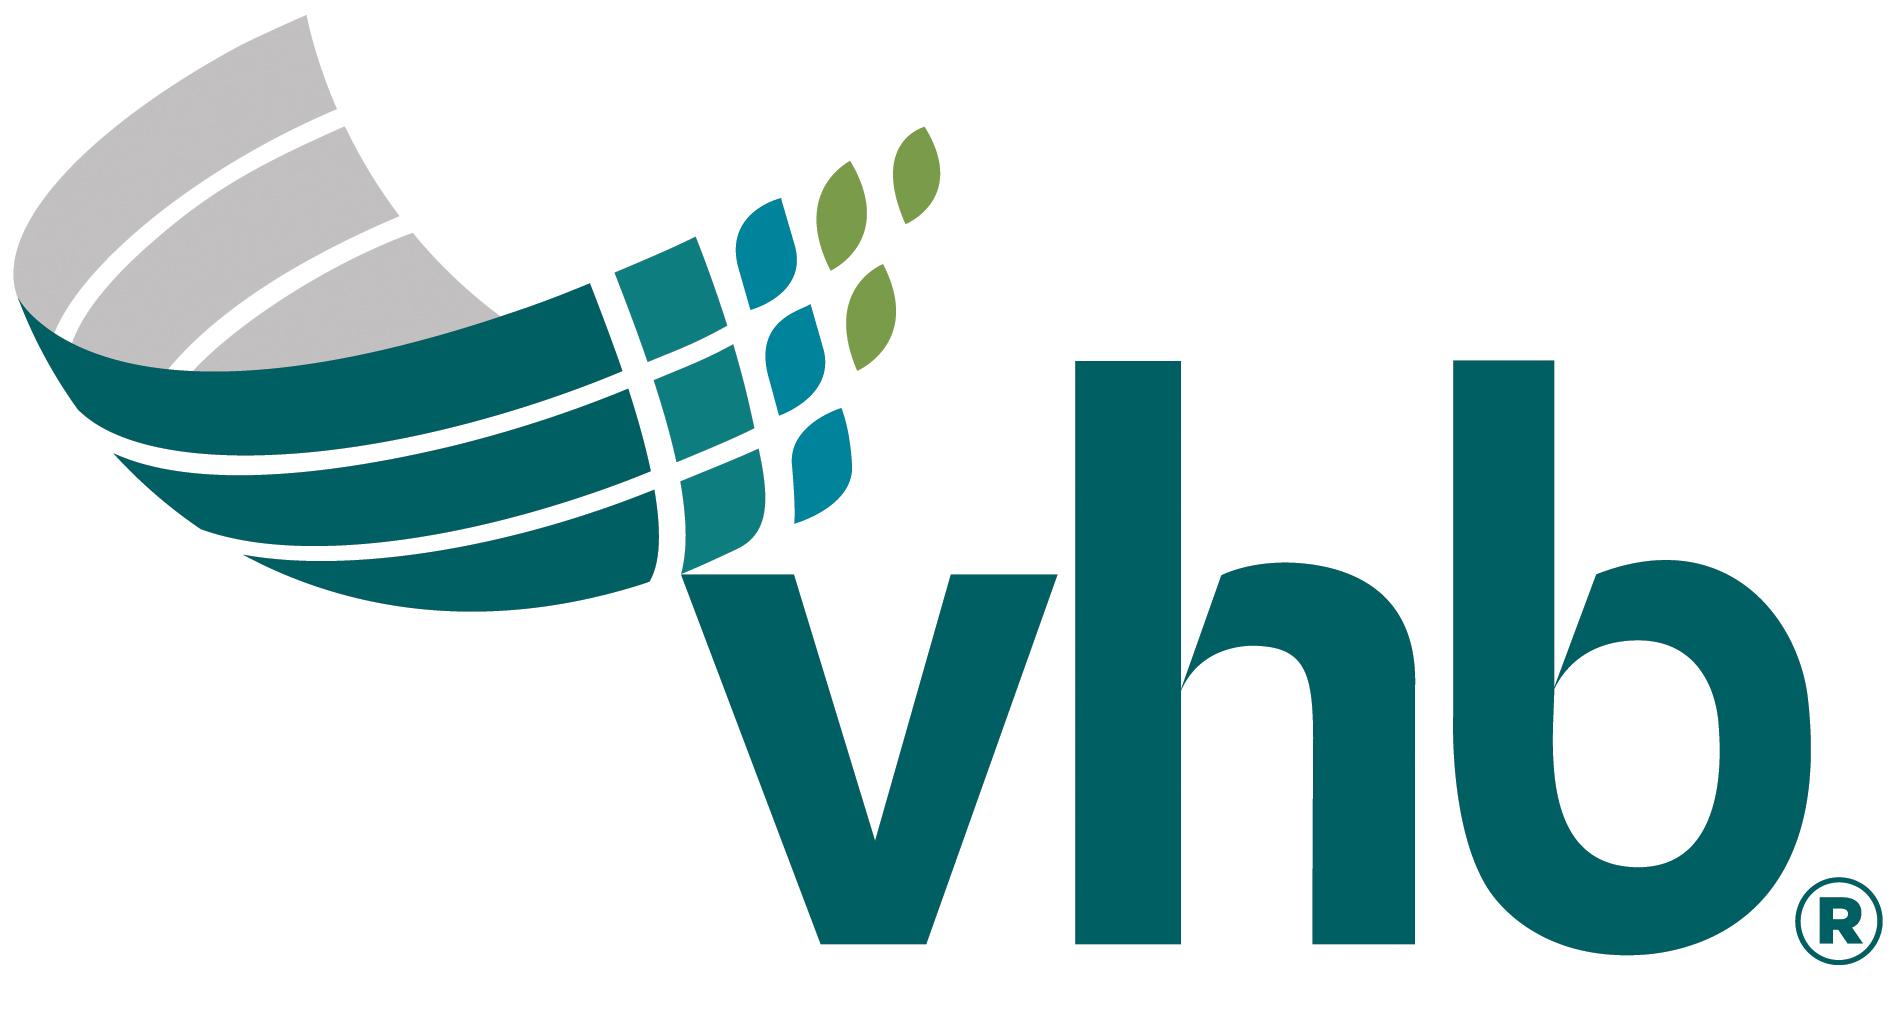 VHB_FullColor.jpg